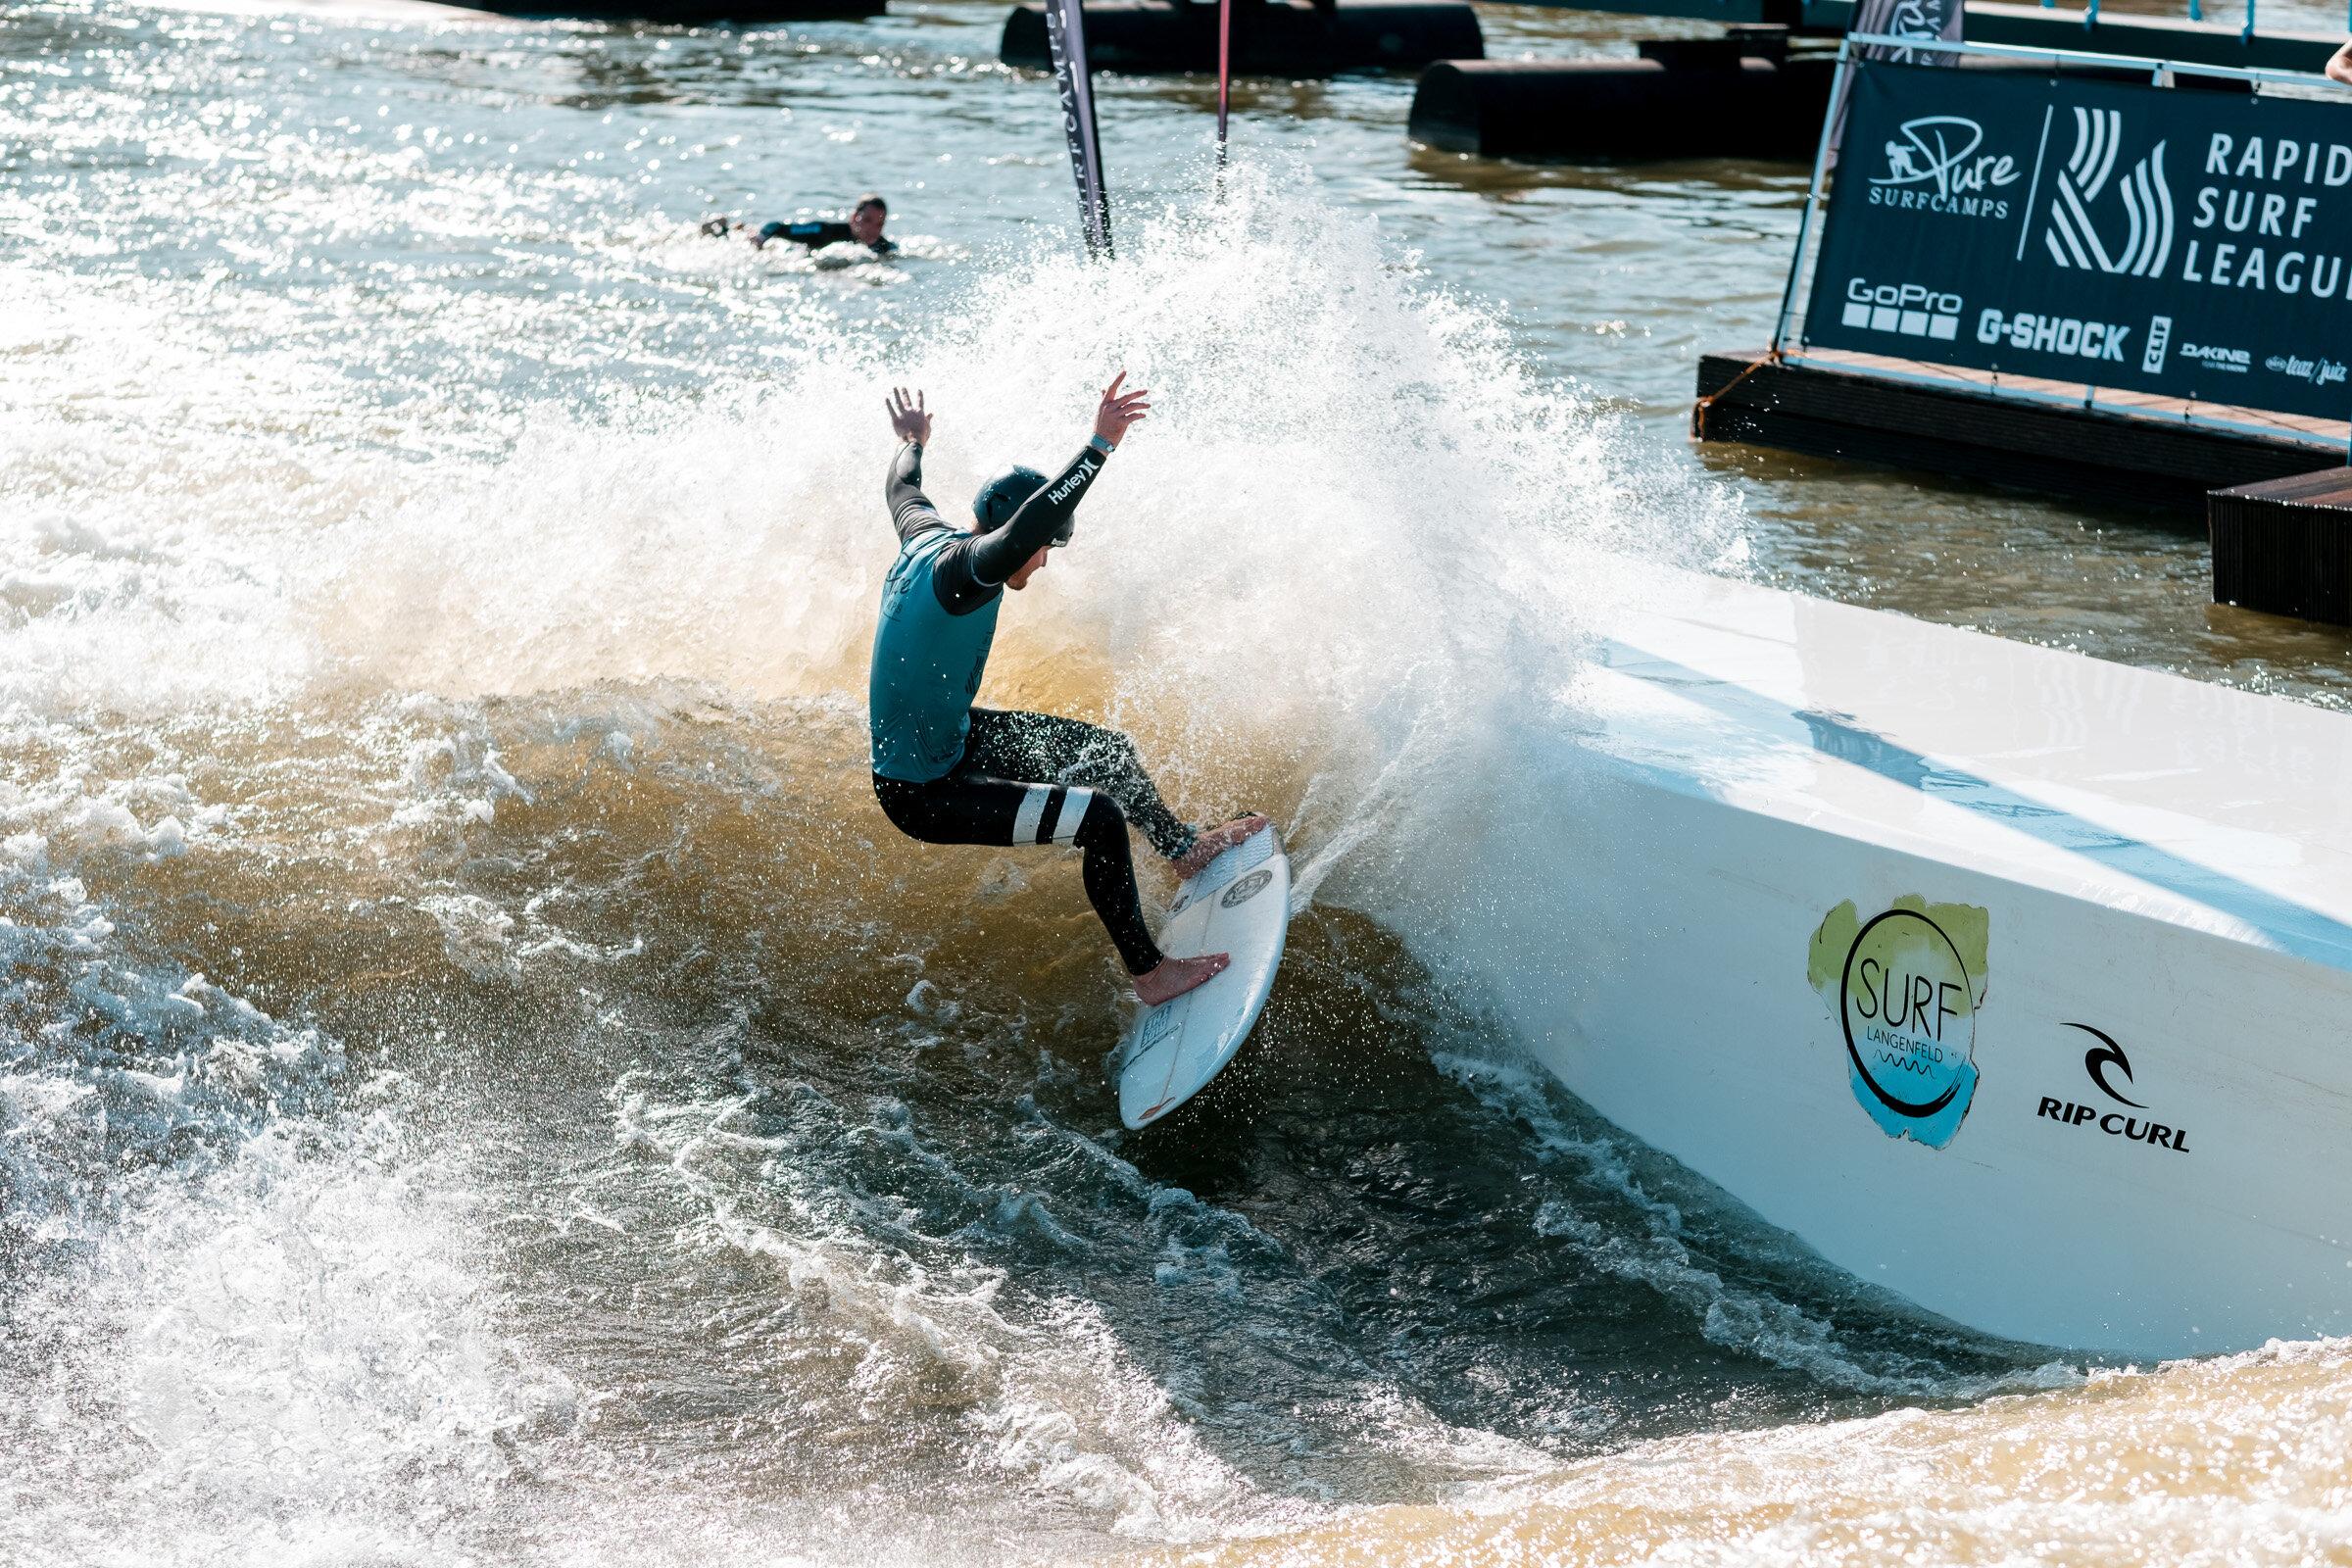 rapid-surf-contest-derKristof-249.jpg